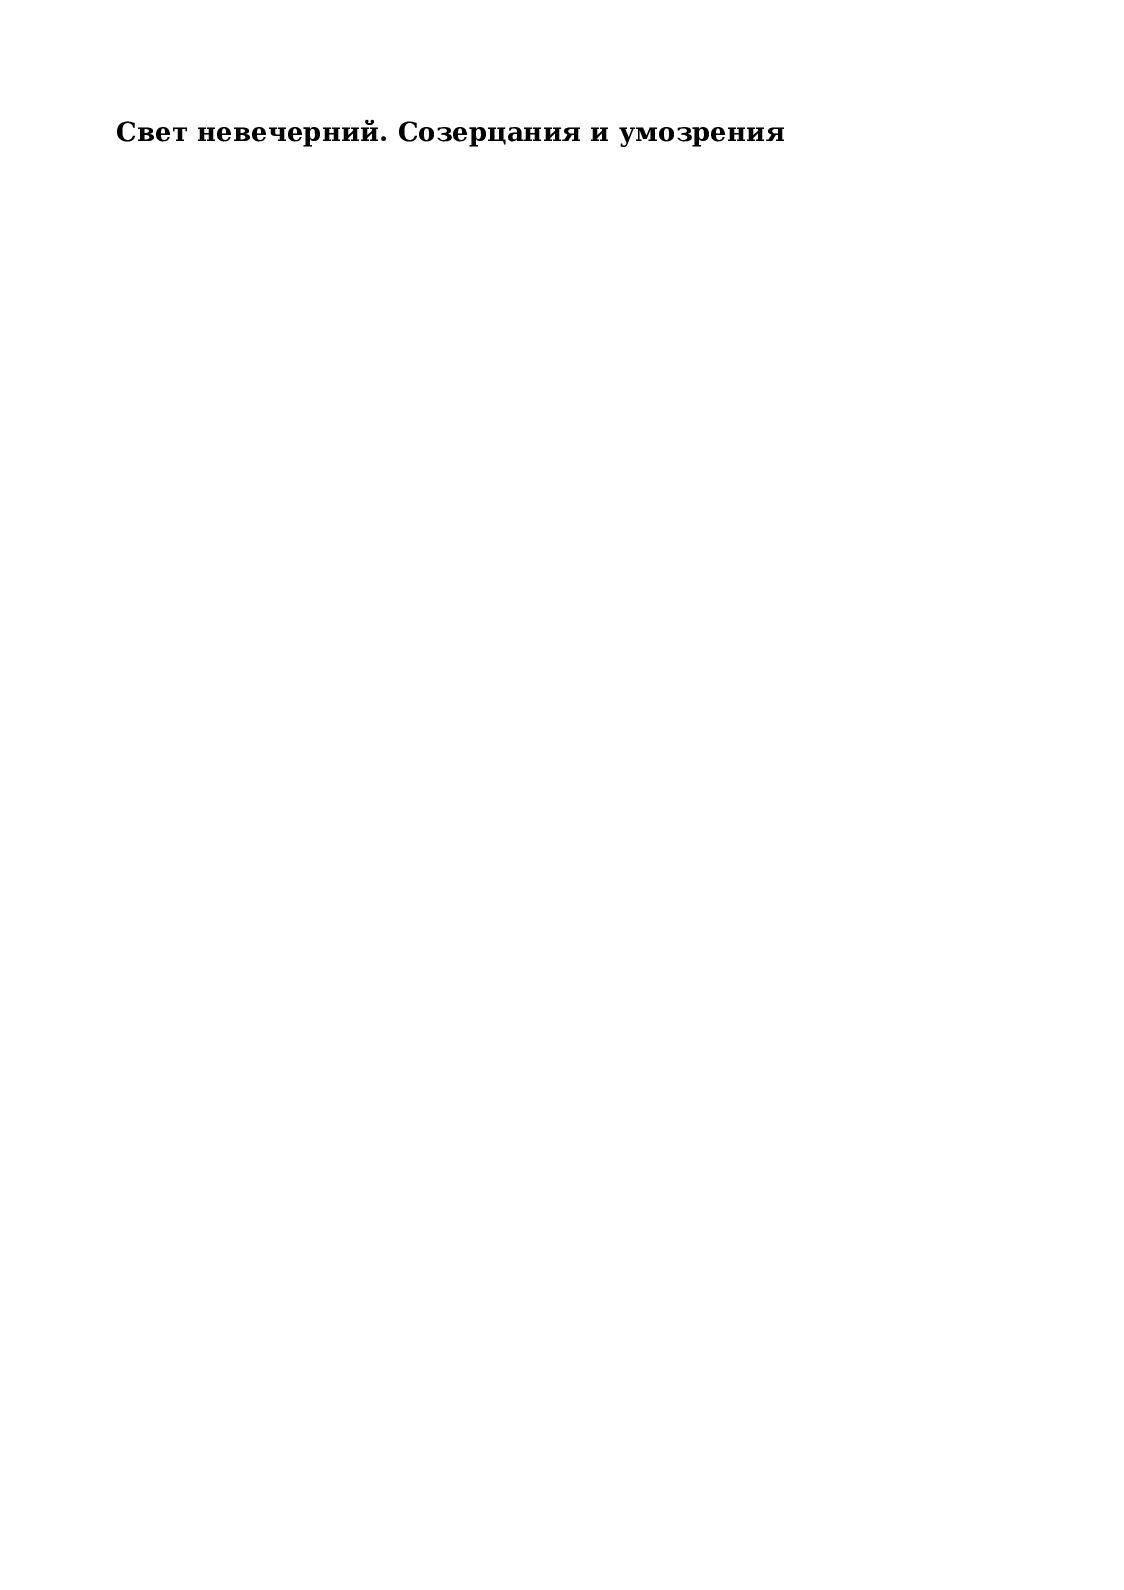 Rrulibs.com : детективы и триллеры : триллер : апплет 112. трудный разговор : владимир тучков : читать онлайн : читать бесплатно